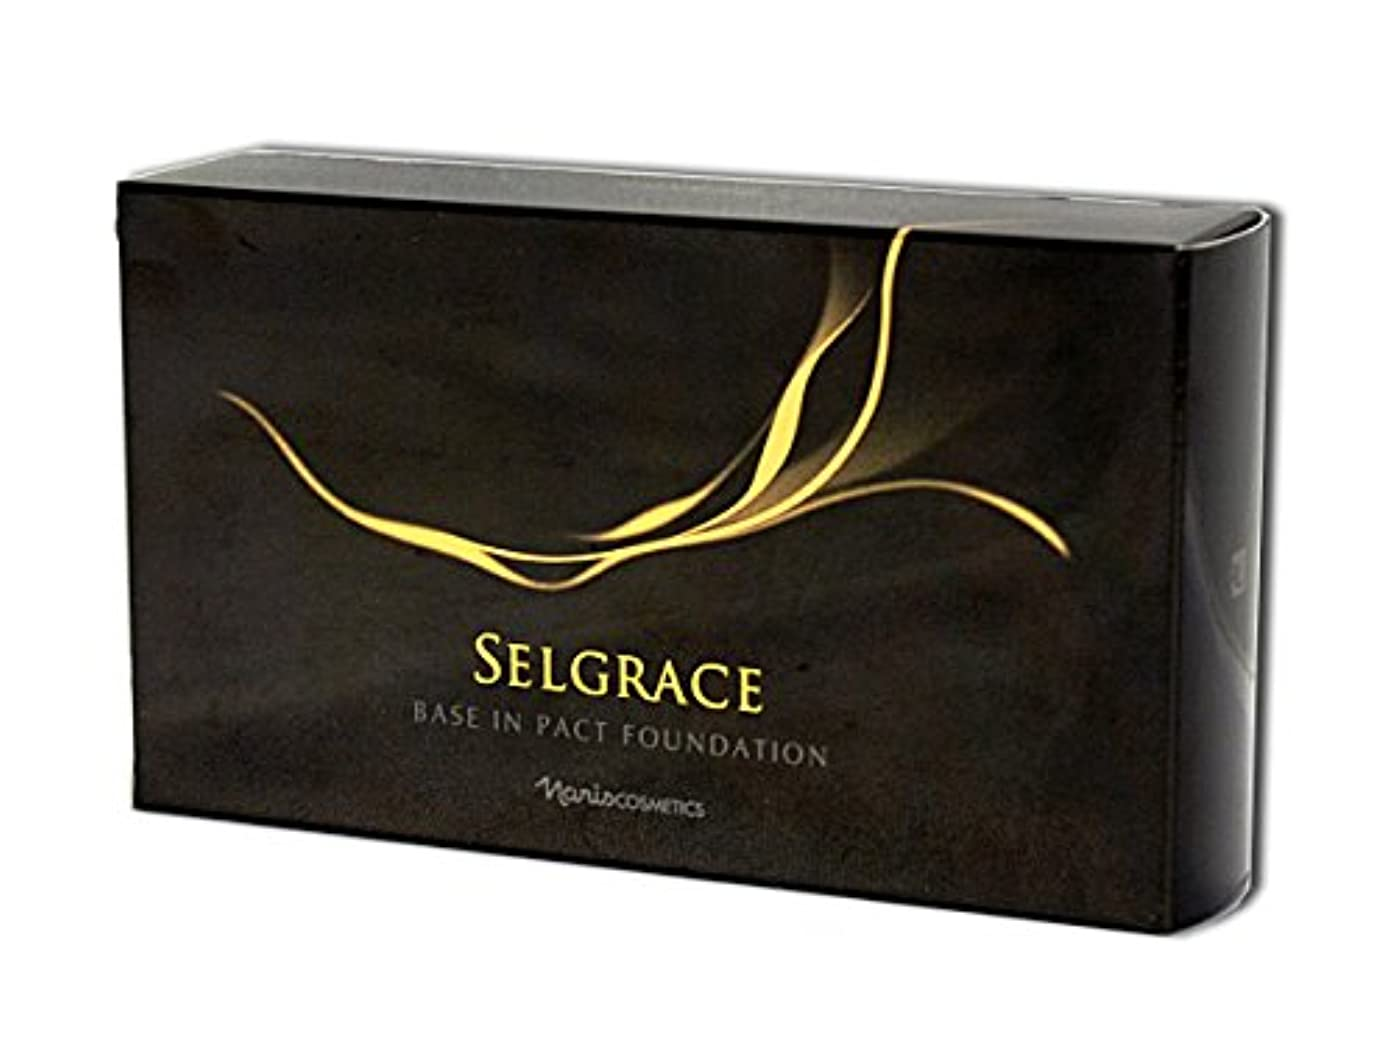 もっともらしい待つアーティファクトナリス セルグレース ベースイン パクト ファンデーション 730 ライト ベージュオークル レフィル 12g